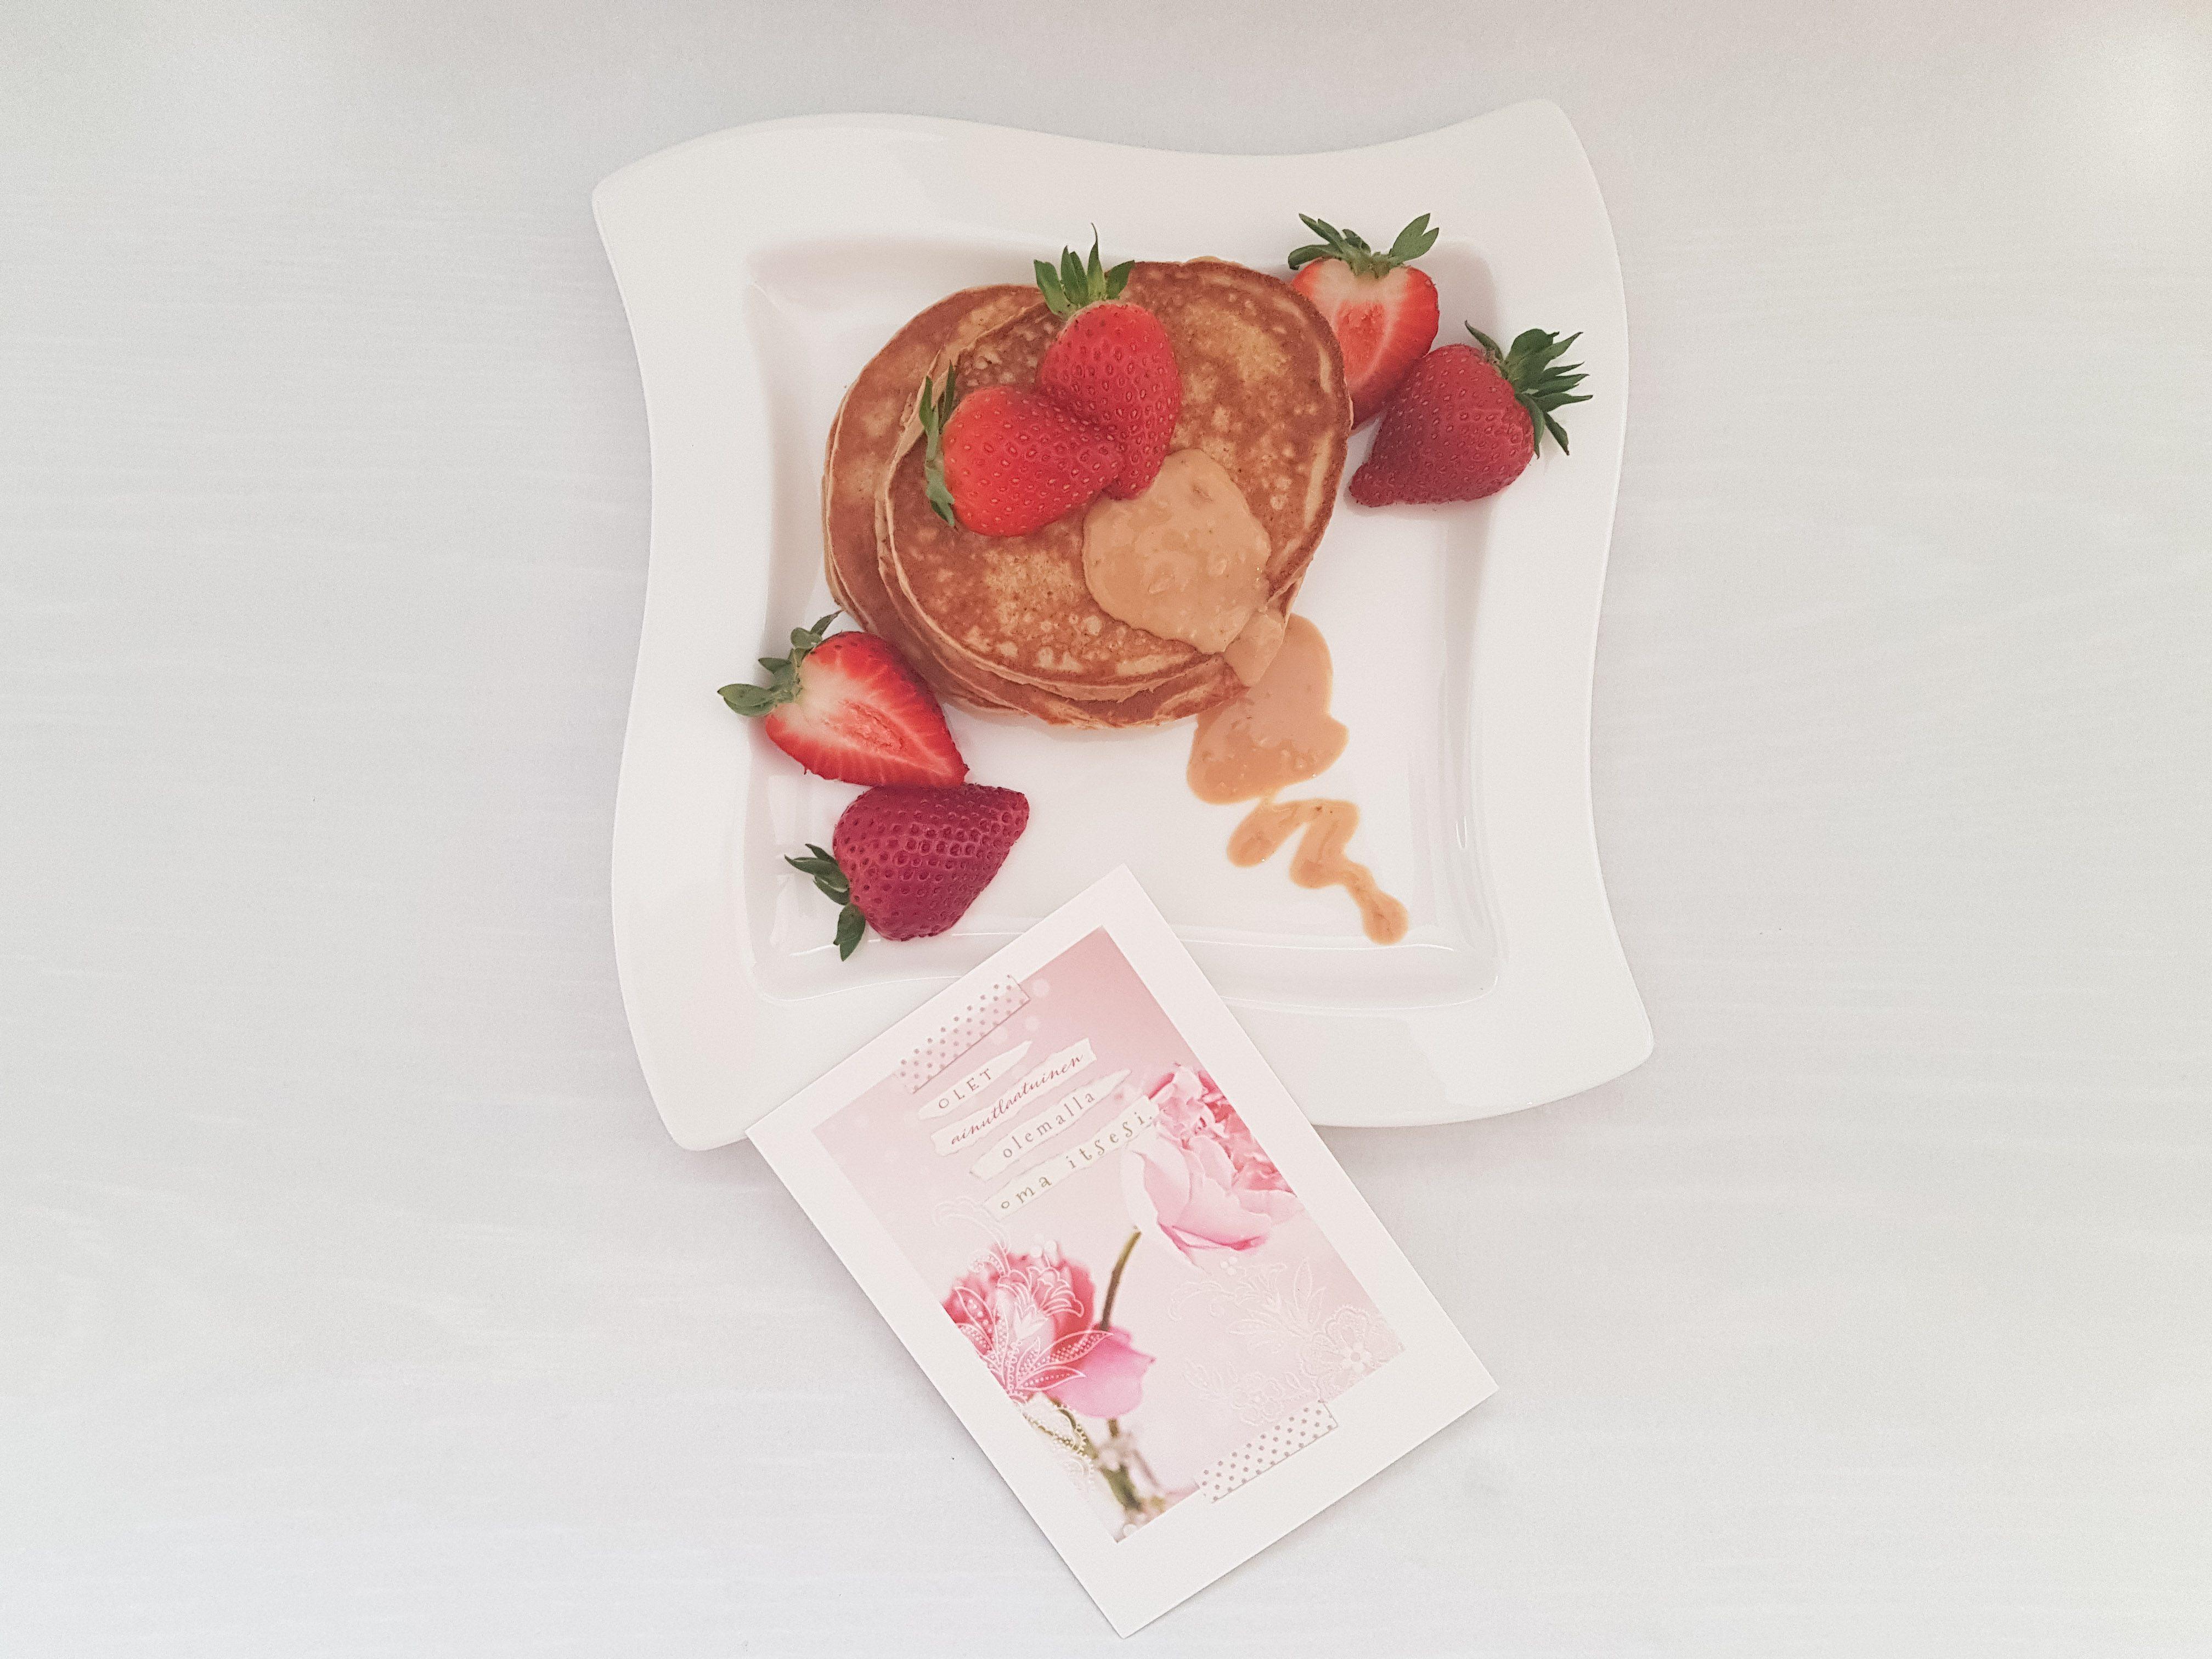 Aamupalasta elinvoimaa - näin vältyt iltapainotteiselta syömiseltä